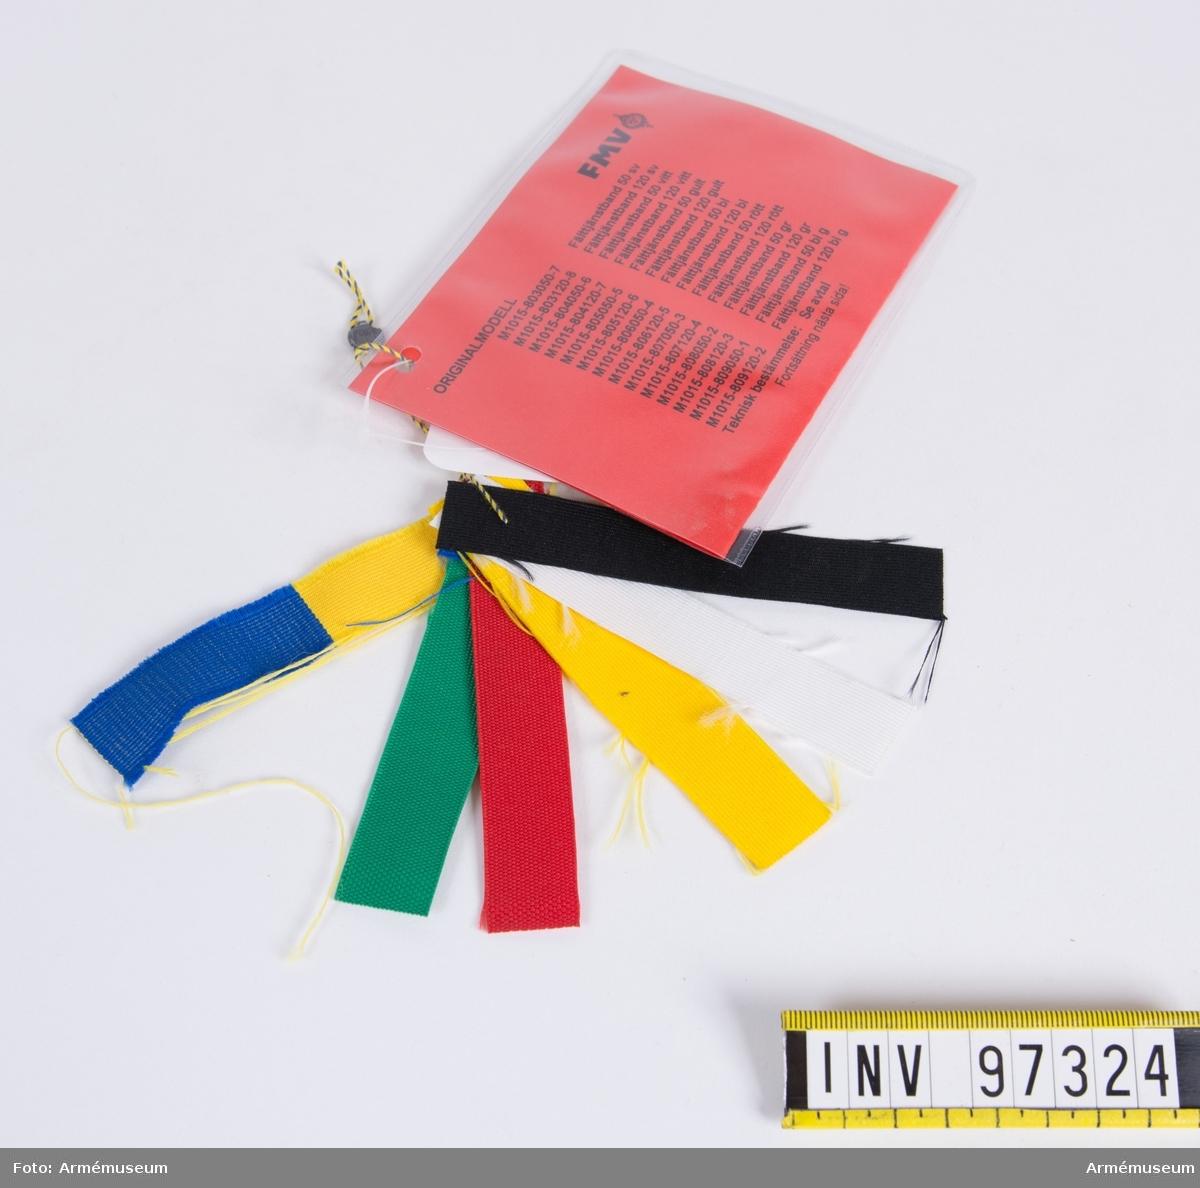 Knippe med prov på band i olika färger. Varje färg har eget M-nummer. På den vidhängande modellappen anges alla M-nummer samt att teknisk bestämmelse finns i avtalet. Lappen är underskriven 1999-01-14 av Roger Strömstedt.